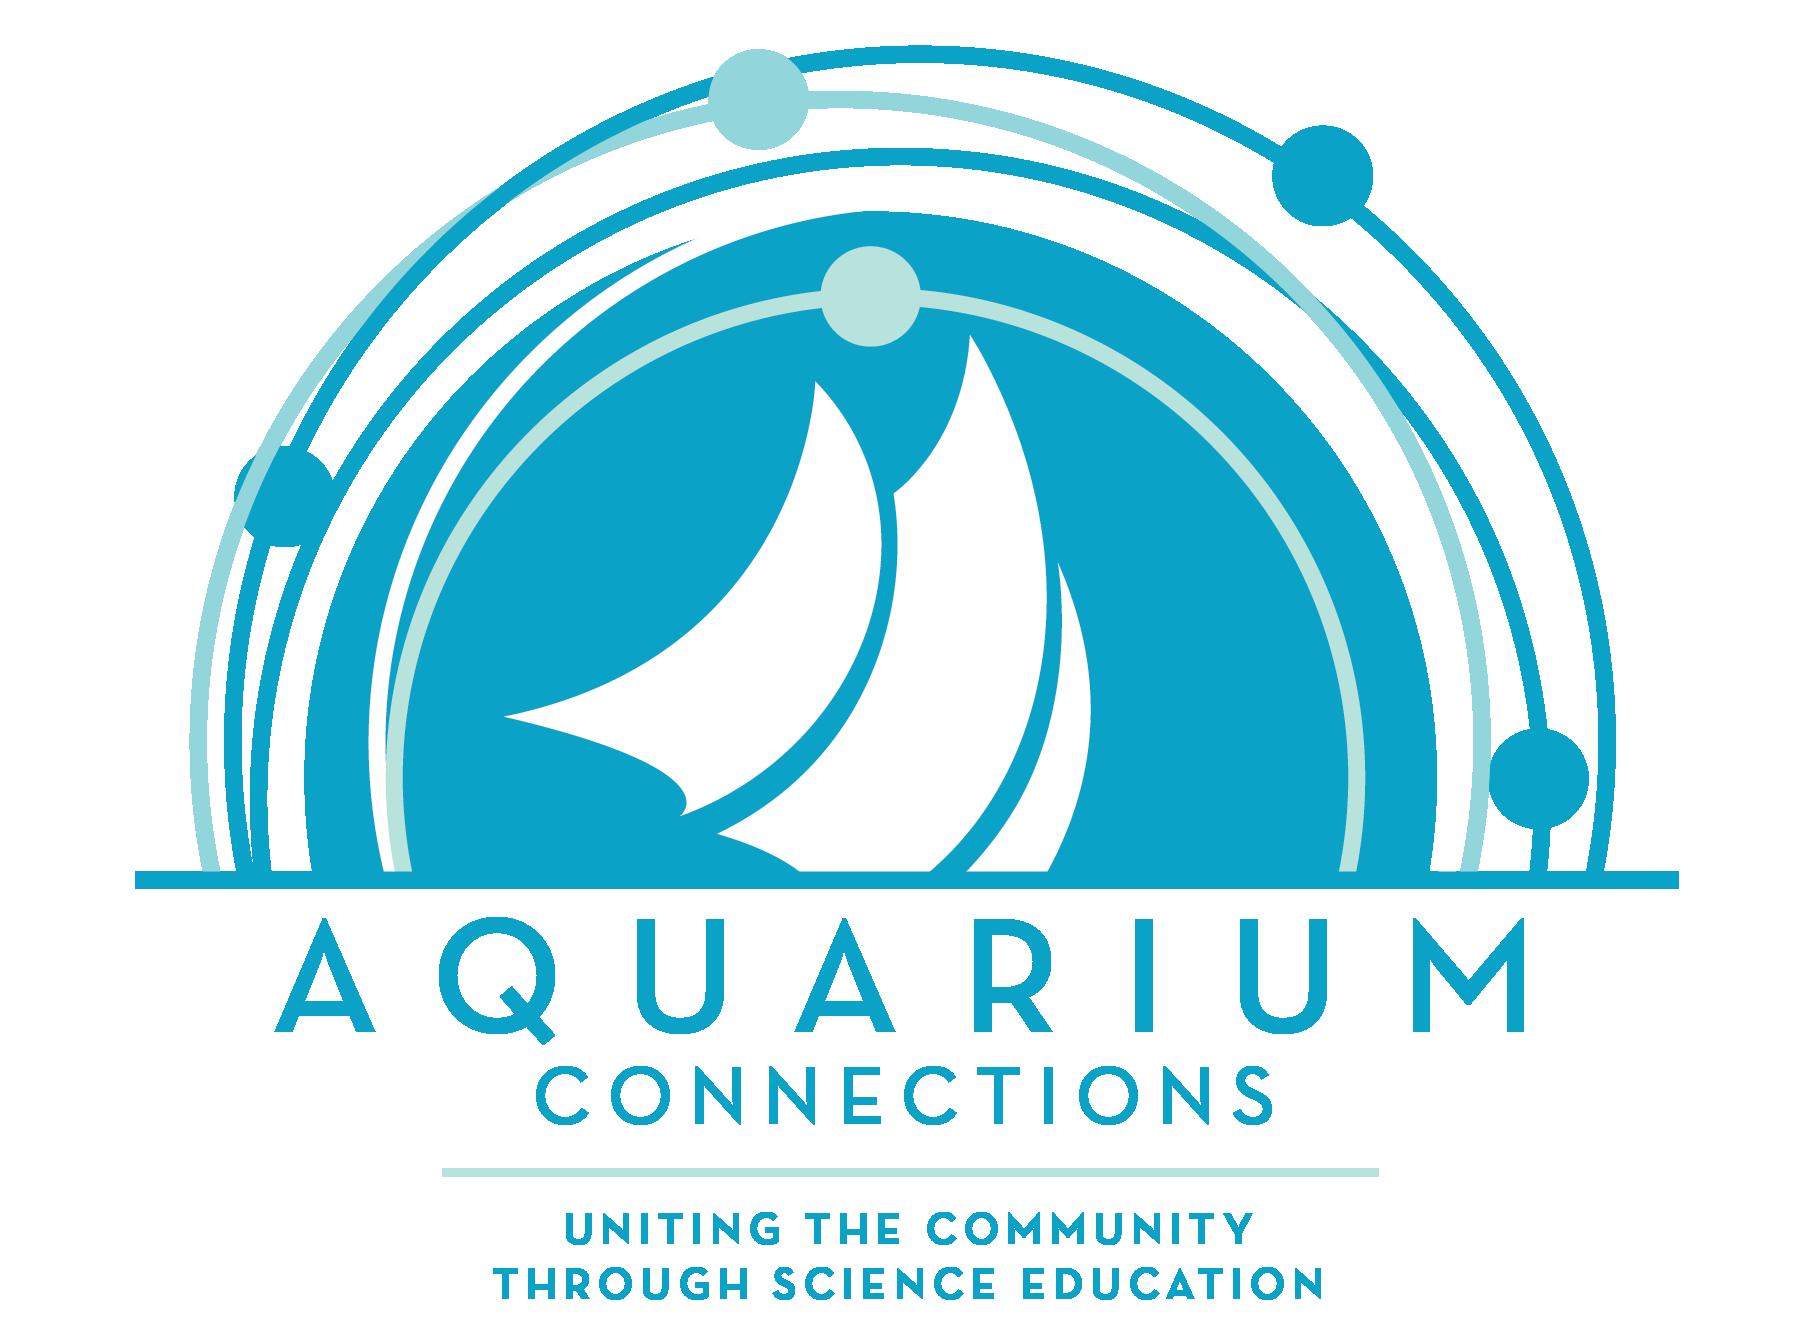 Aquarium Connections logo